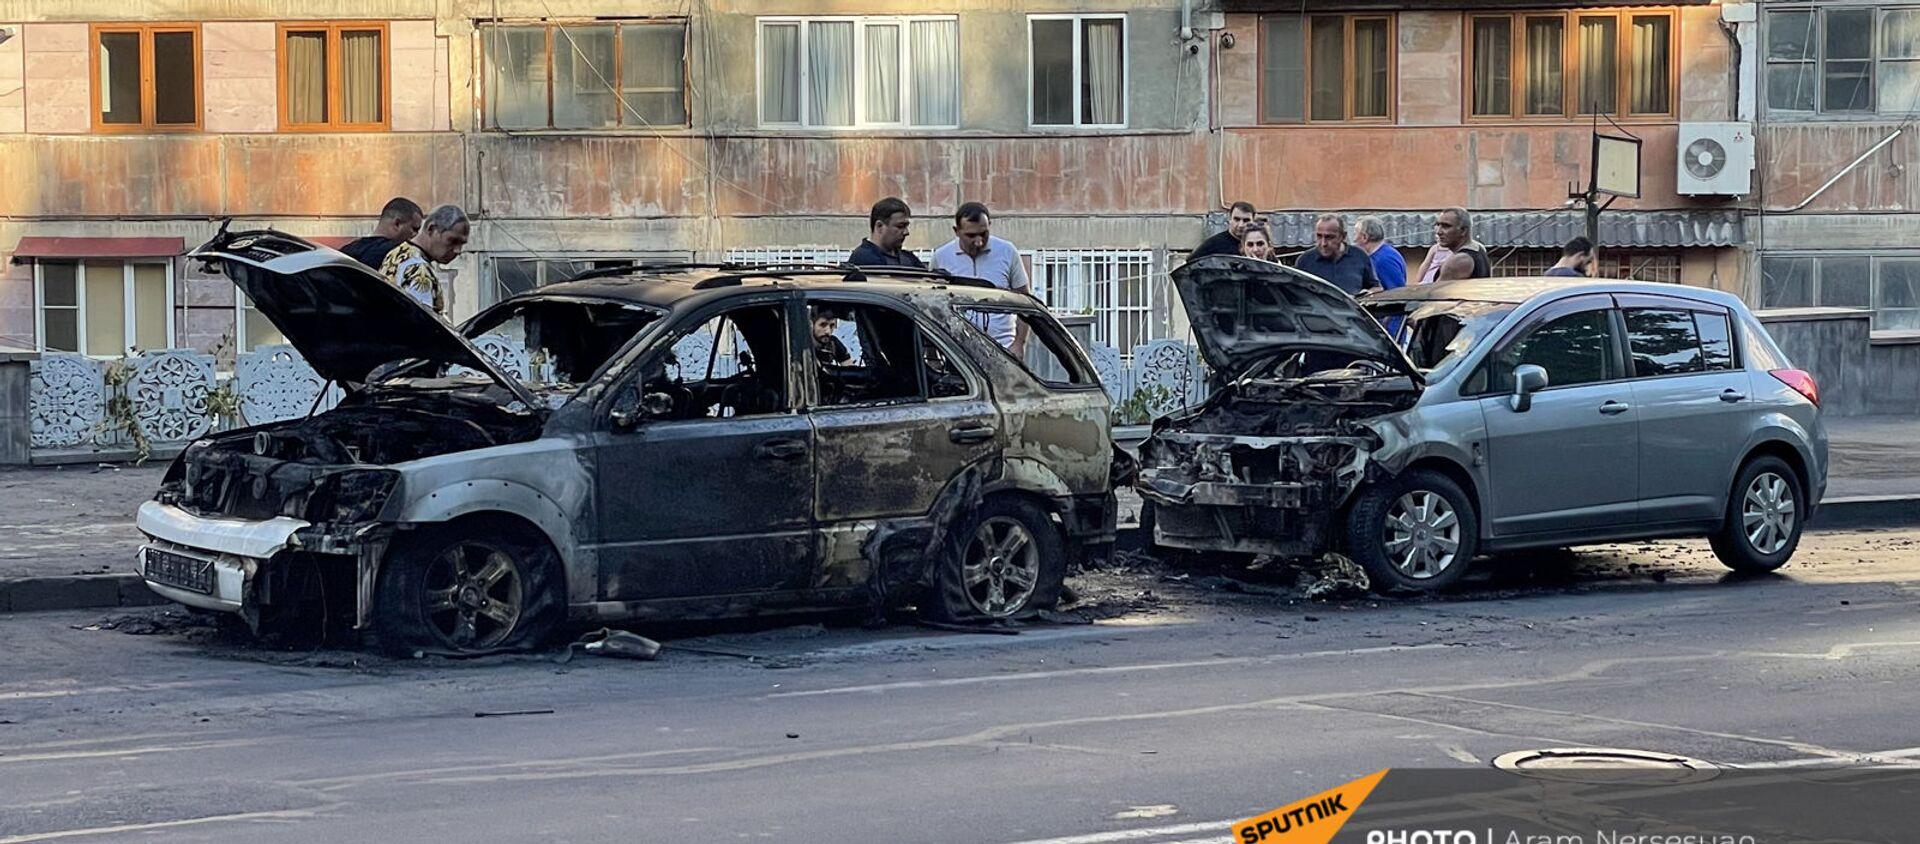 Сгоревшие машины на улице Сарьяна - Sputnik Արմենիա, 1920, 26.07.2021